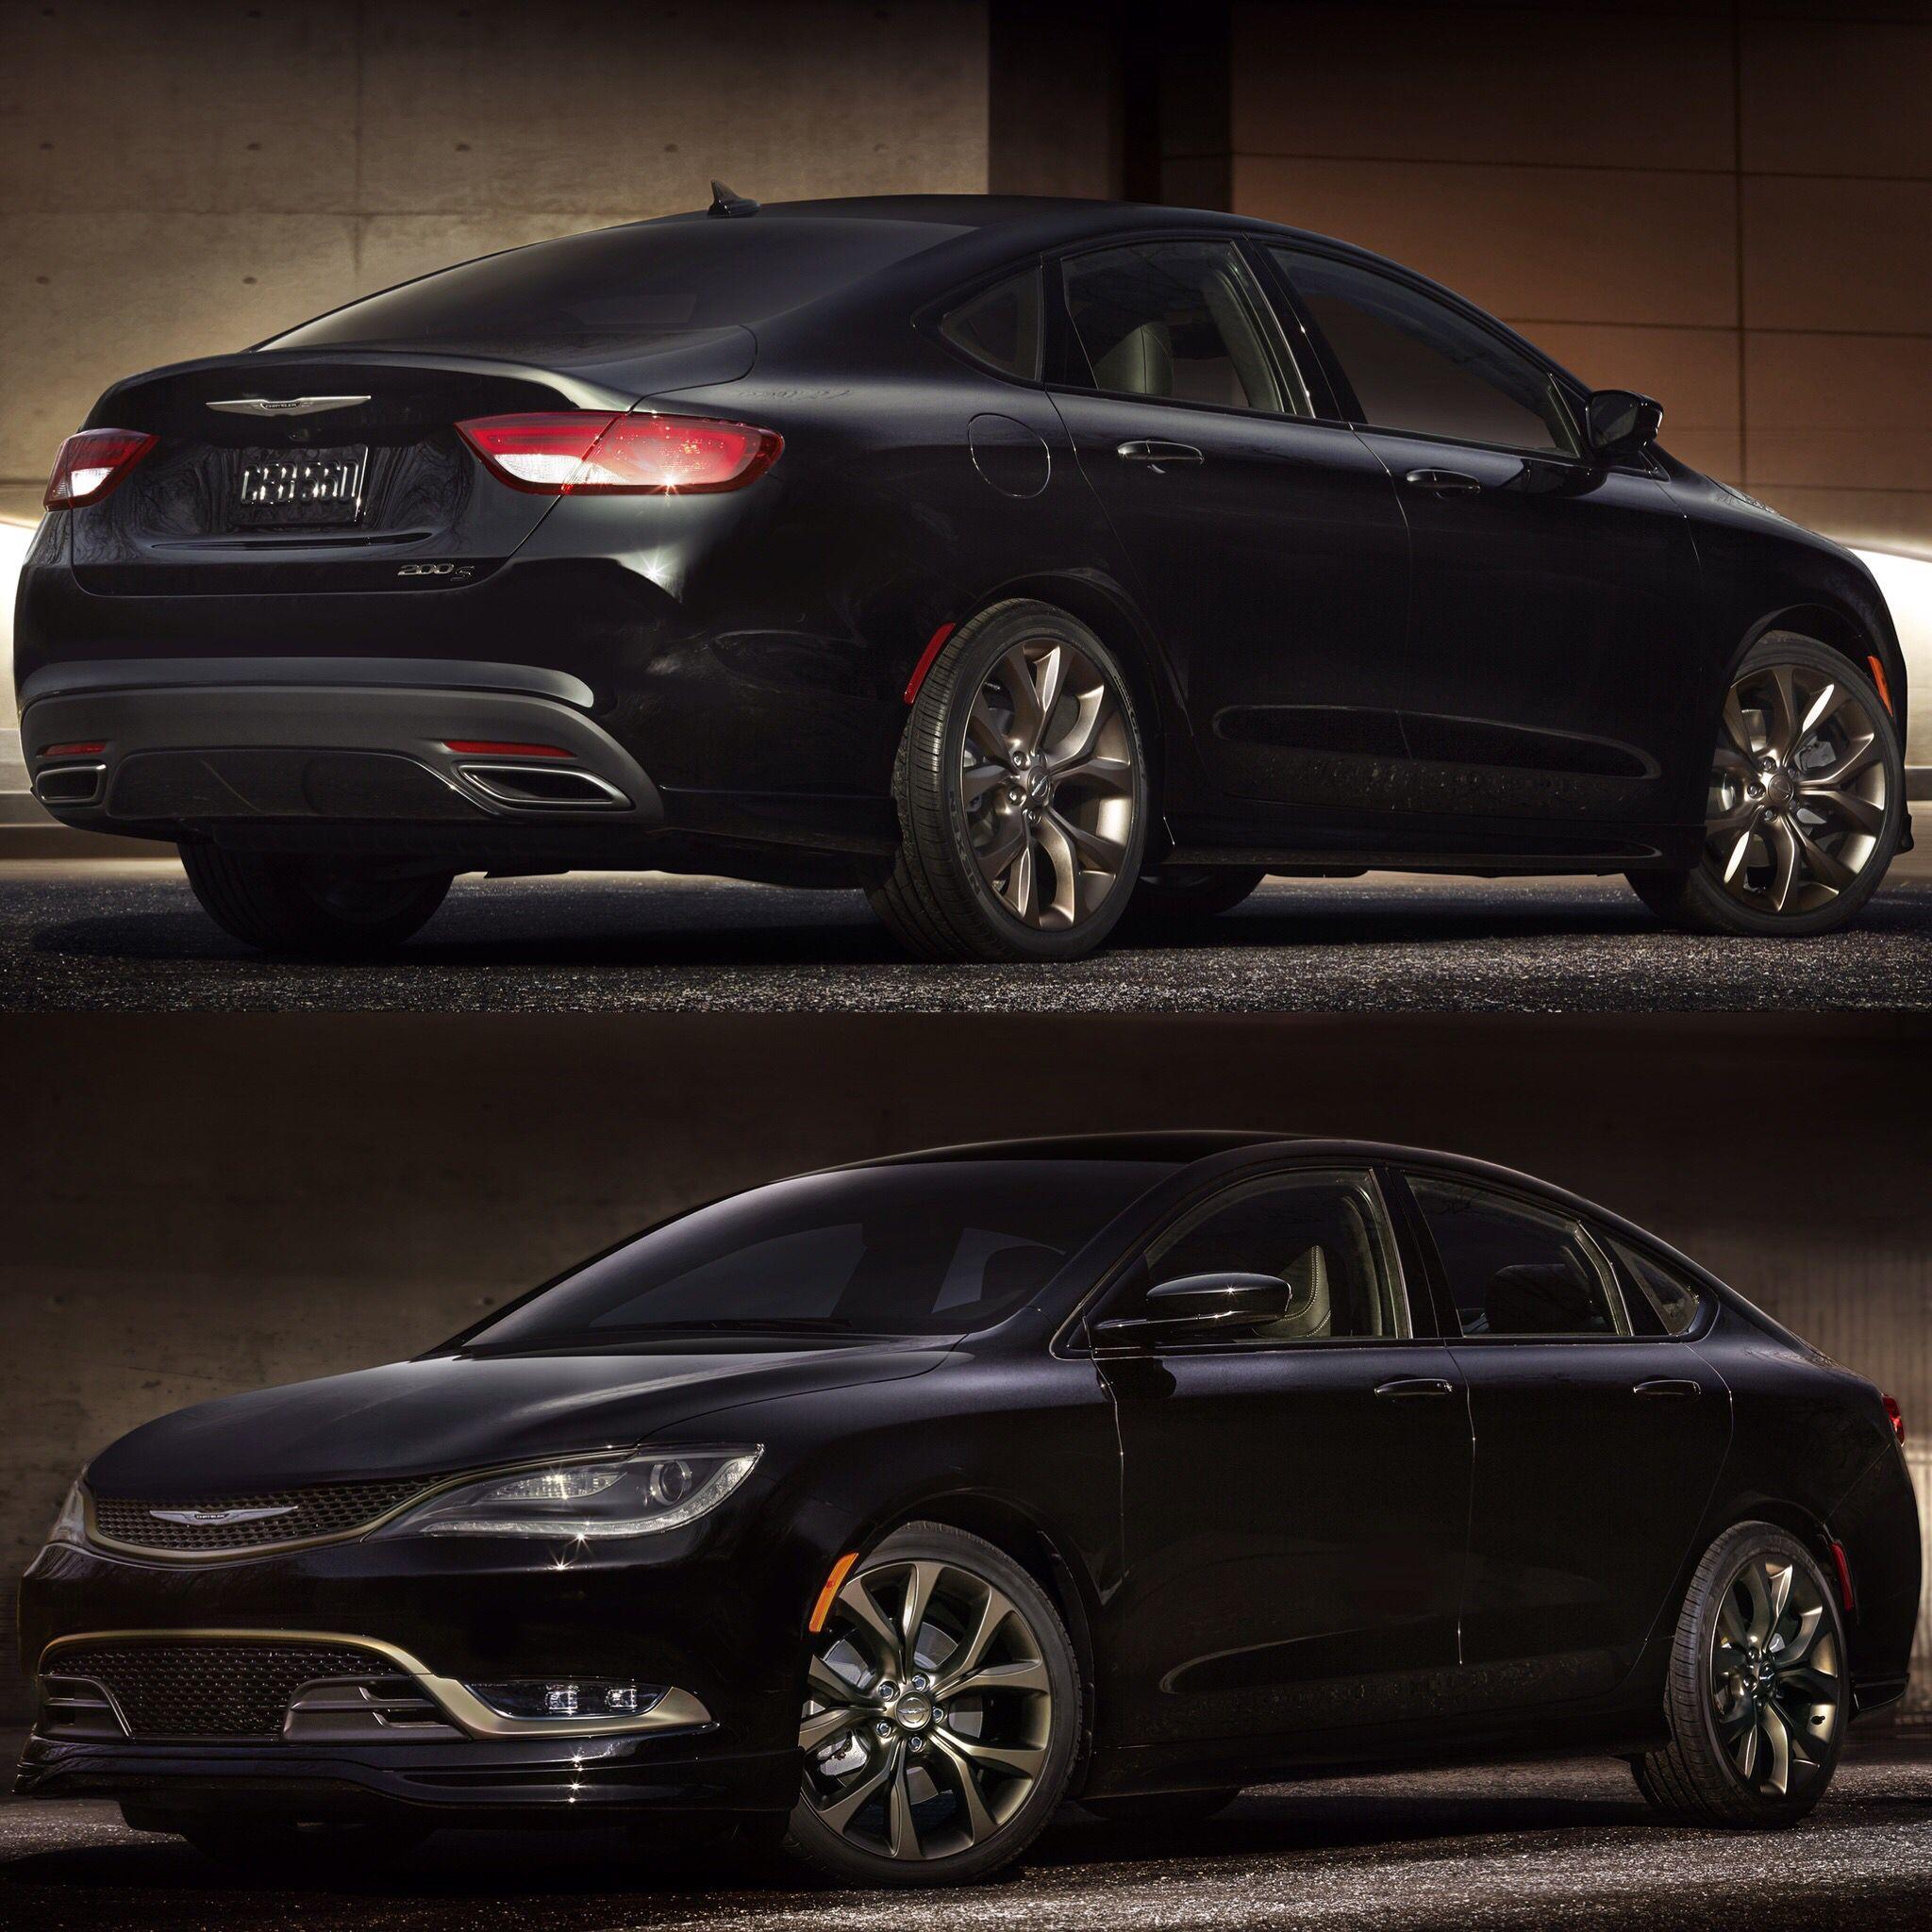 2016 Chrysler 200 Msrp